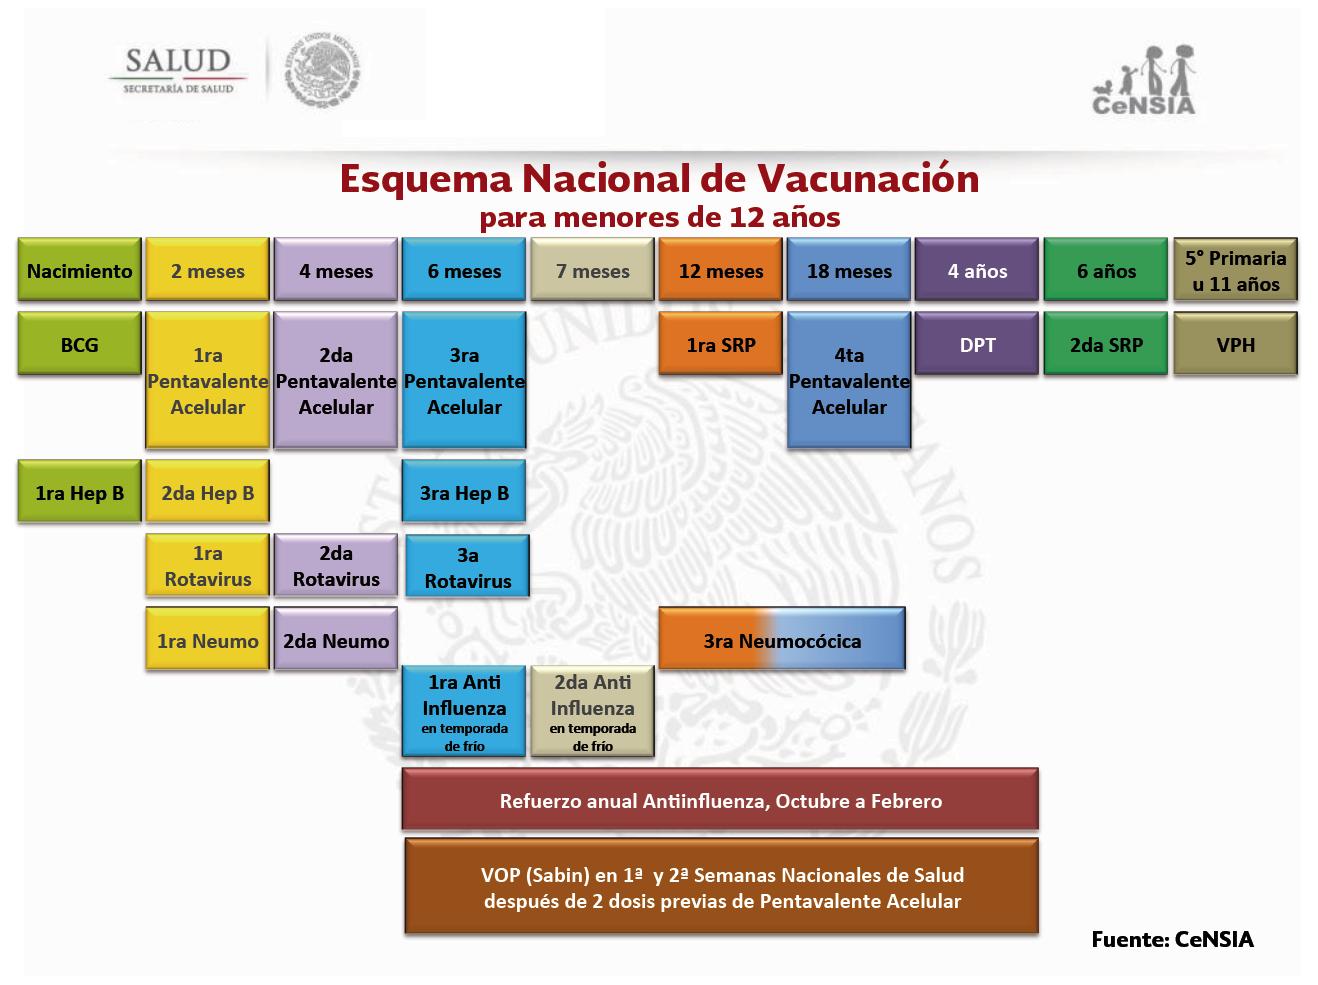 Esquema nacional de vacunación para menores de 12 años en México ...